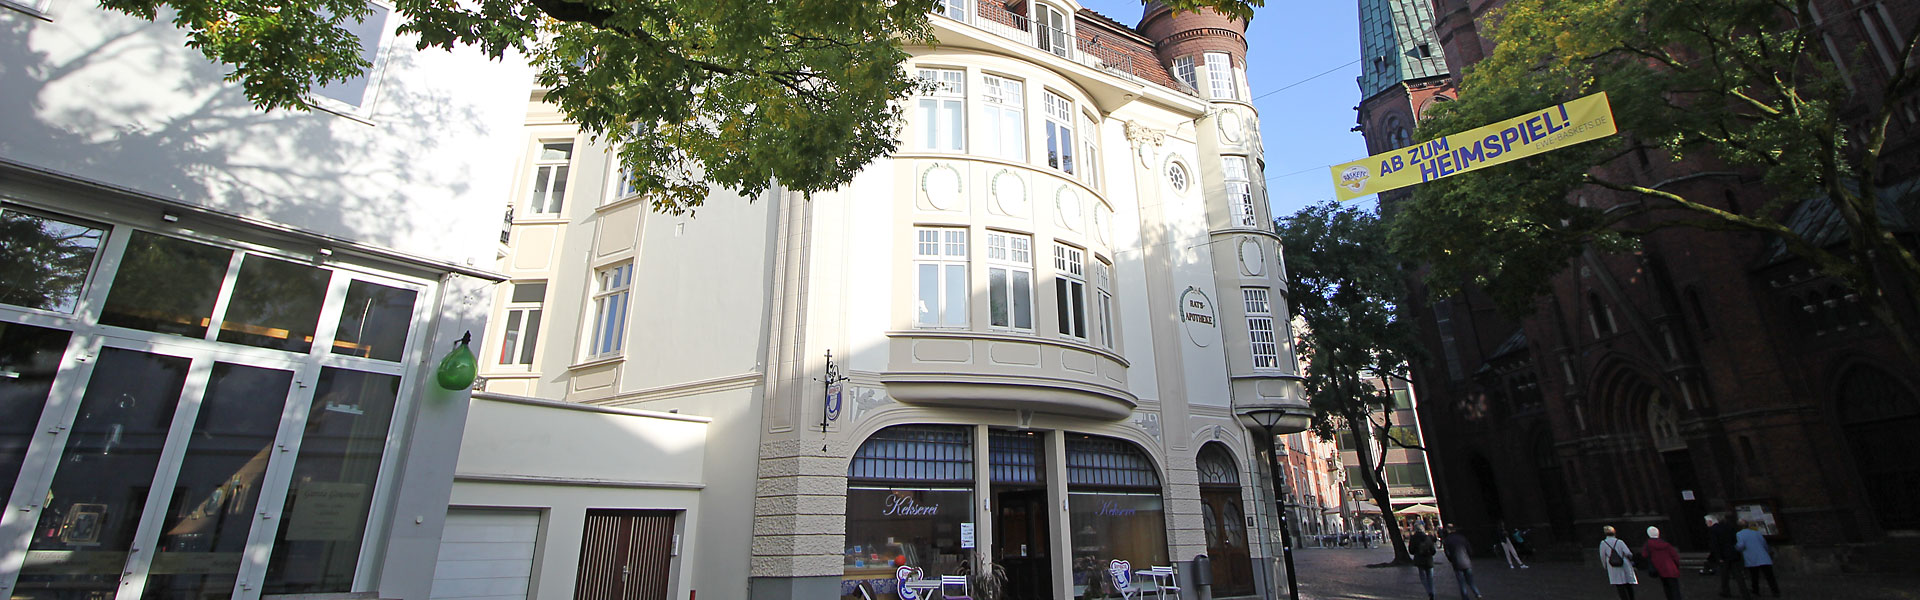 BUB - Ihr Immobilien-Partner in Oldenburg